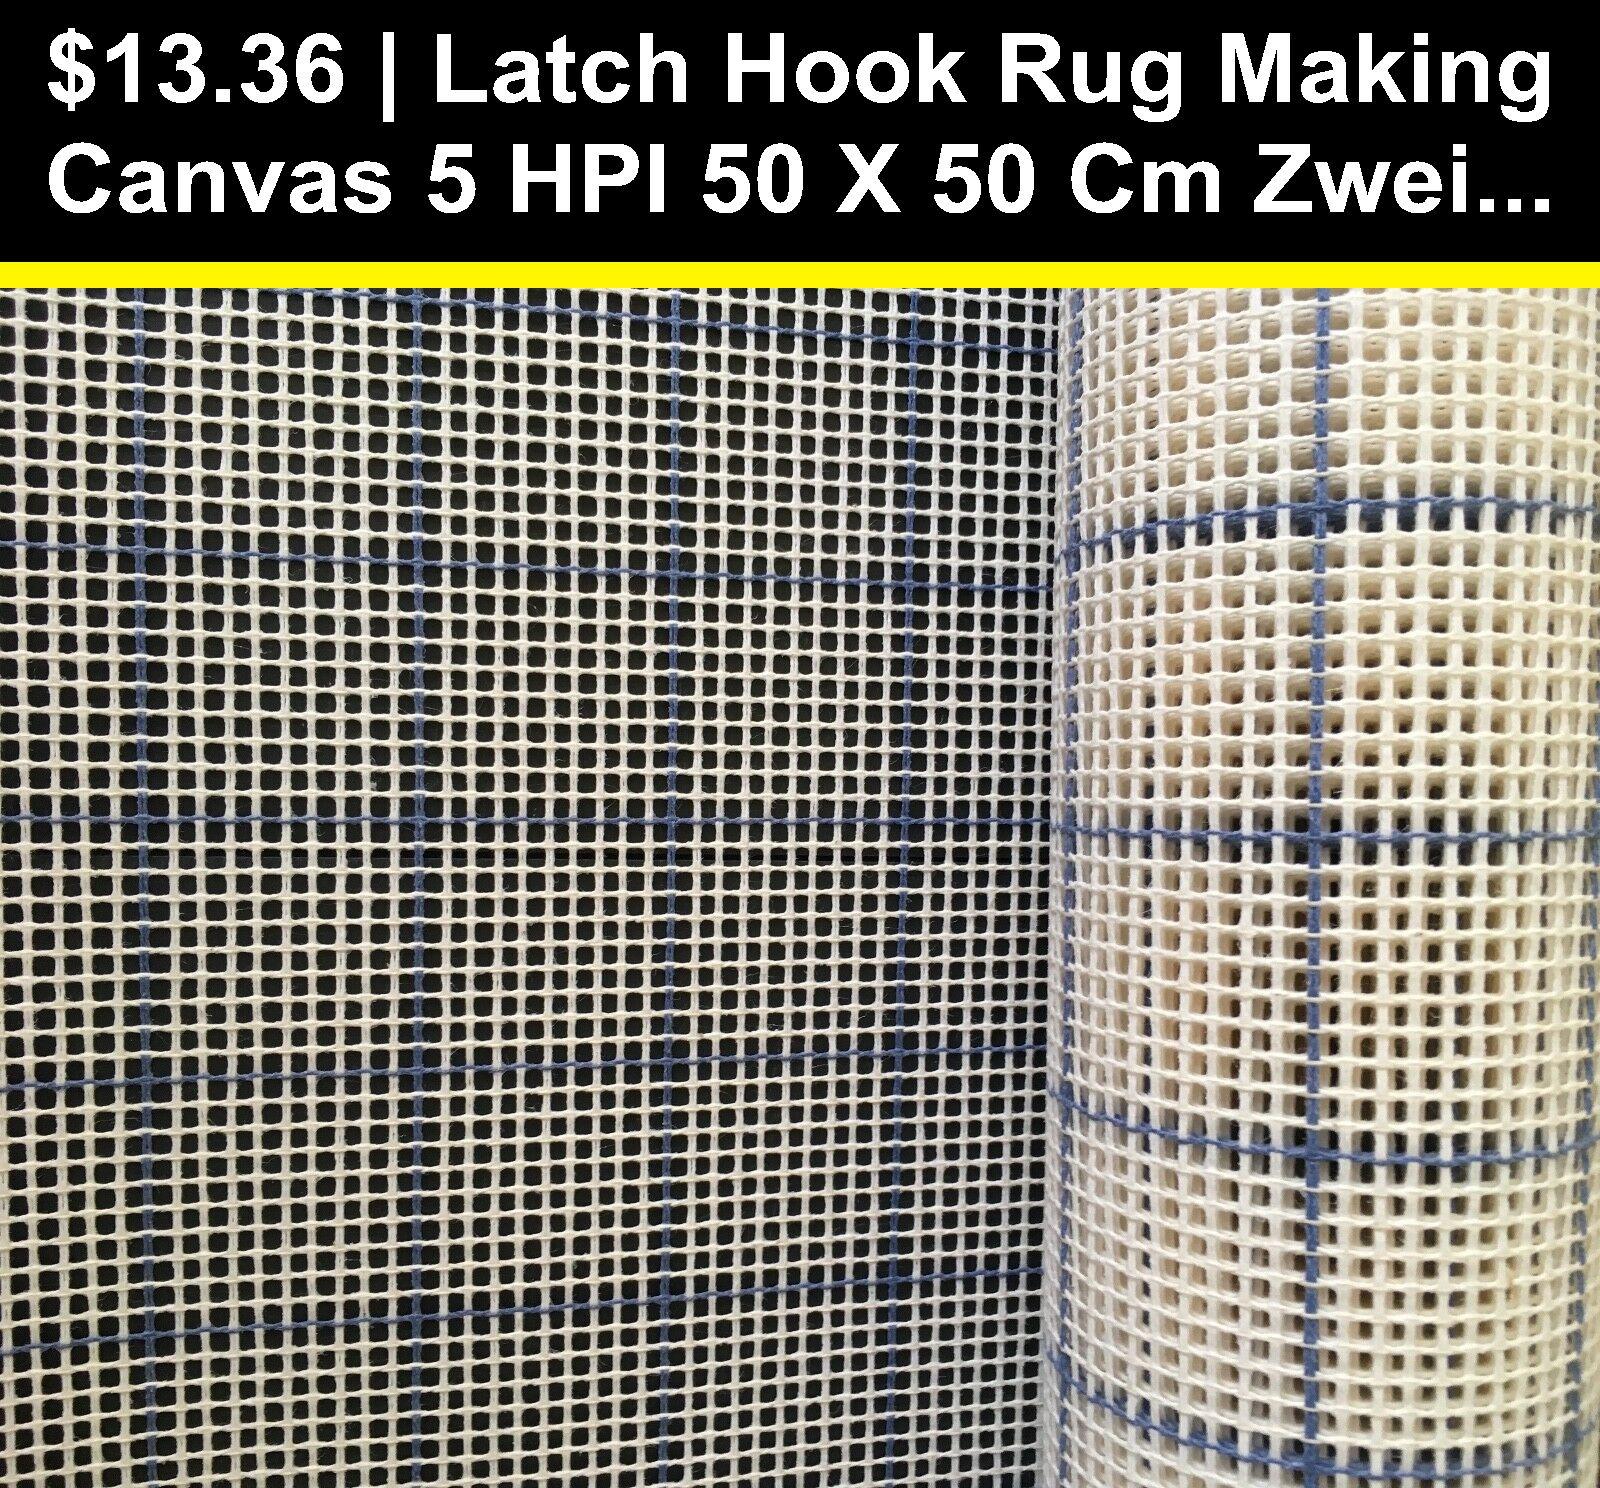 Zweigart soft interlock Rug Making Tapestry Canvas 7.5 HPI  28cm wide x 28cm